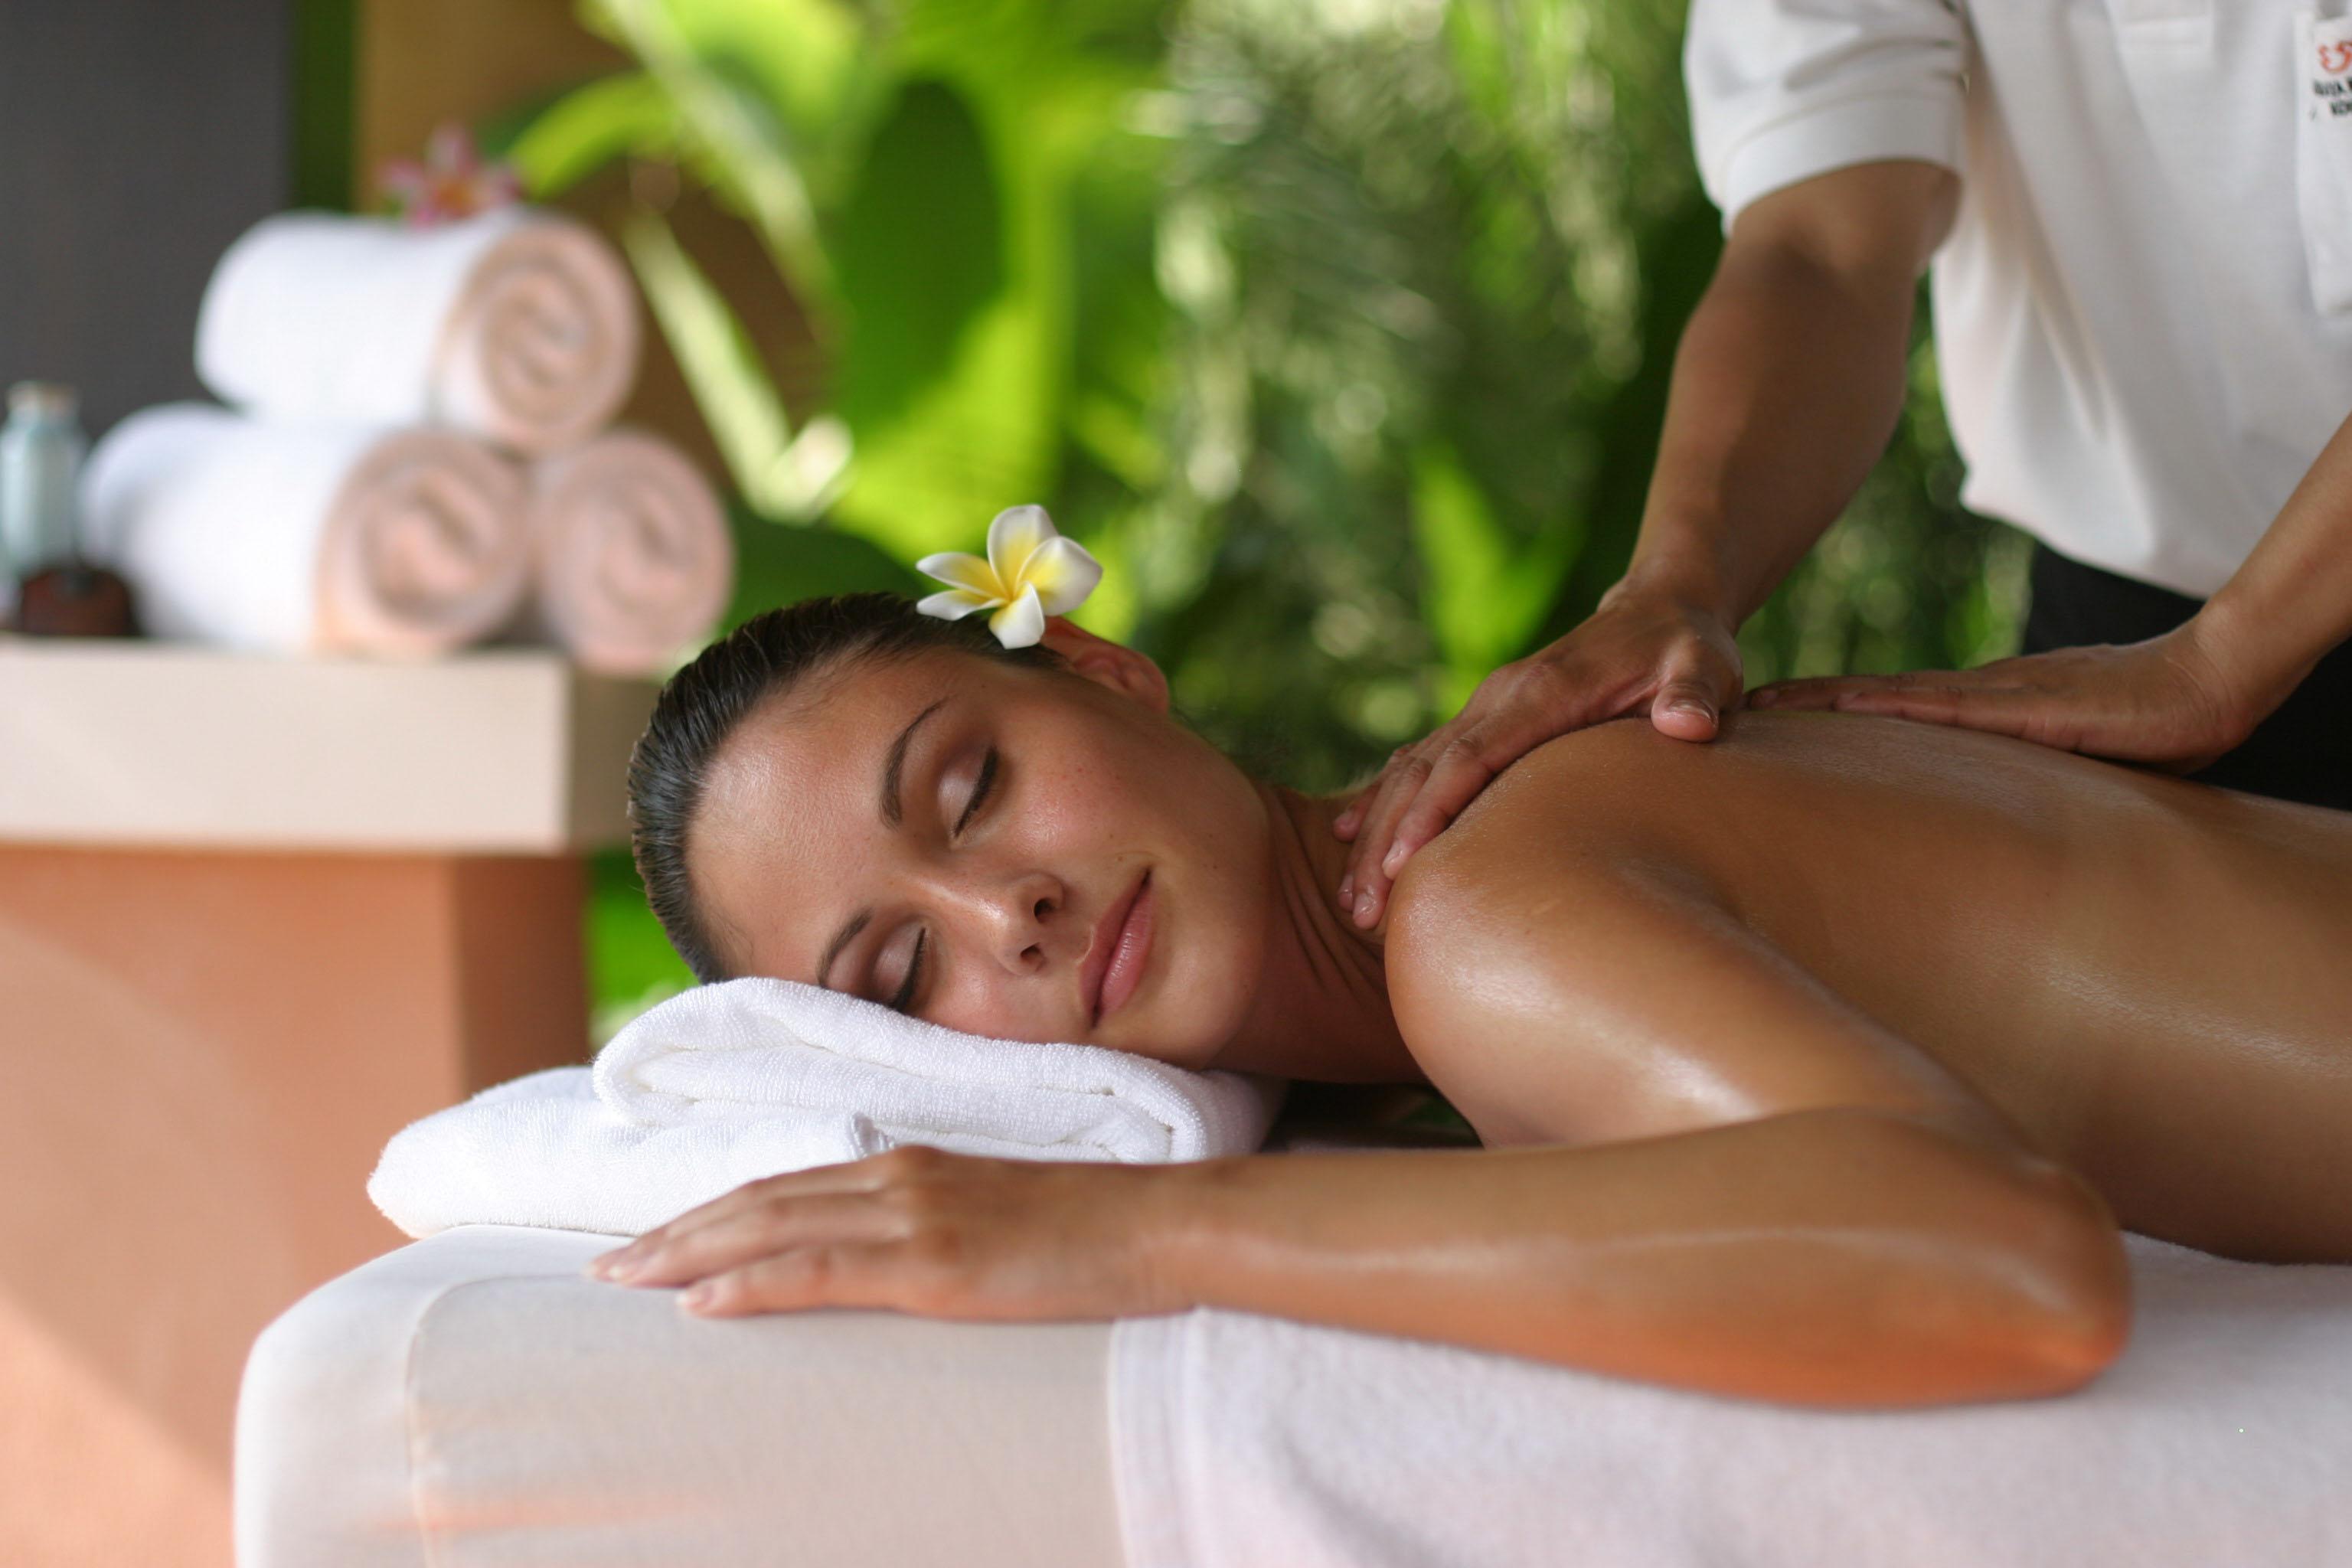 Los mejores Hoteles y Resorts Spa – quita depresión en su estilo